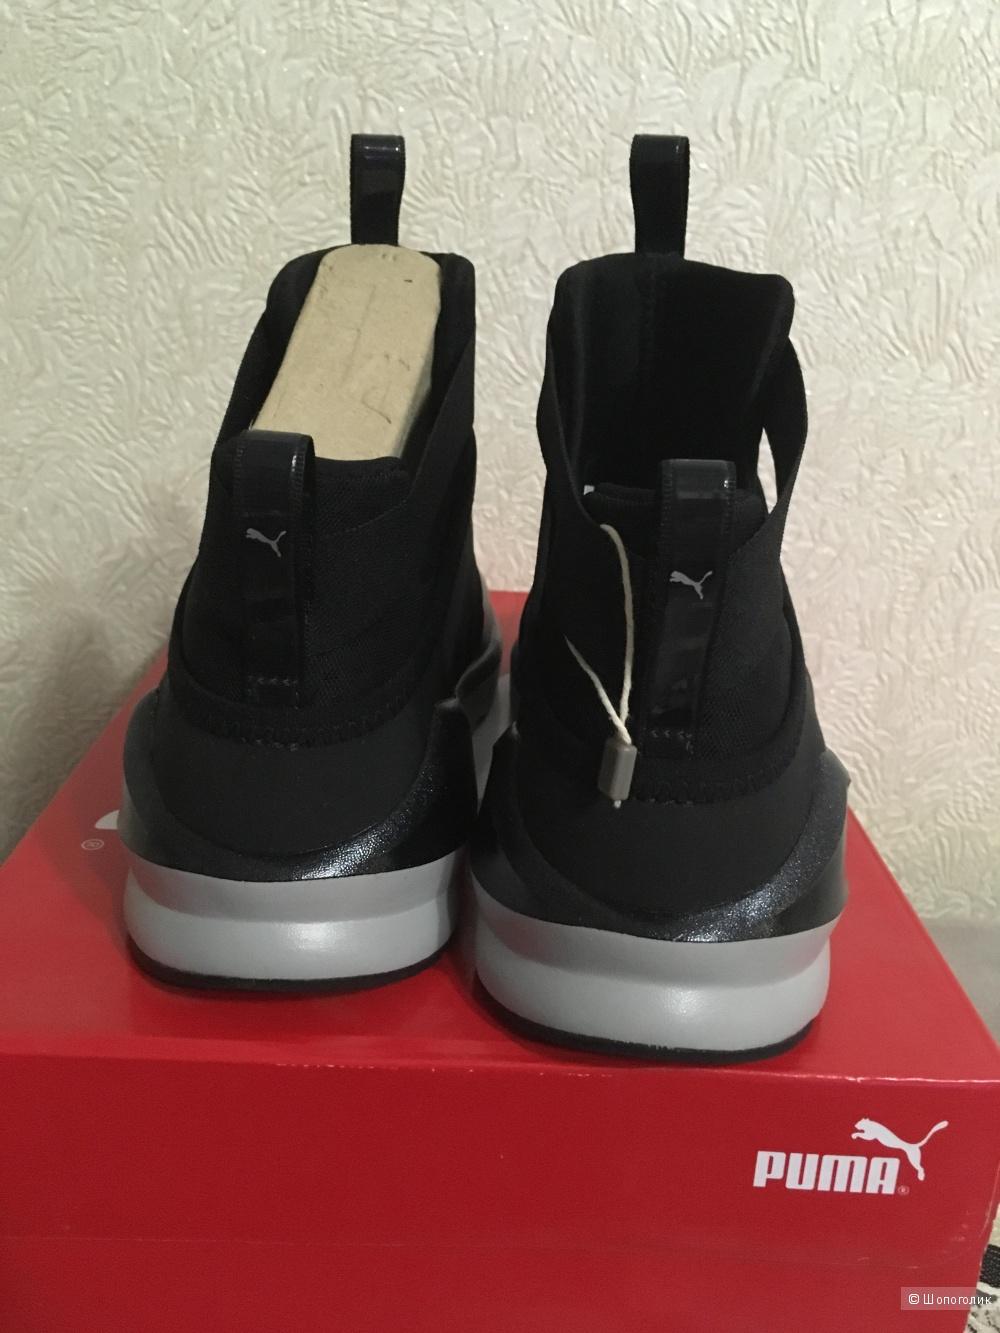 Кроссовки Puma, US 5,5, на 37,5-38 размер